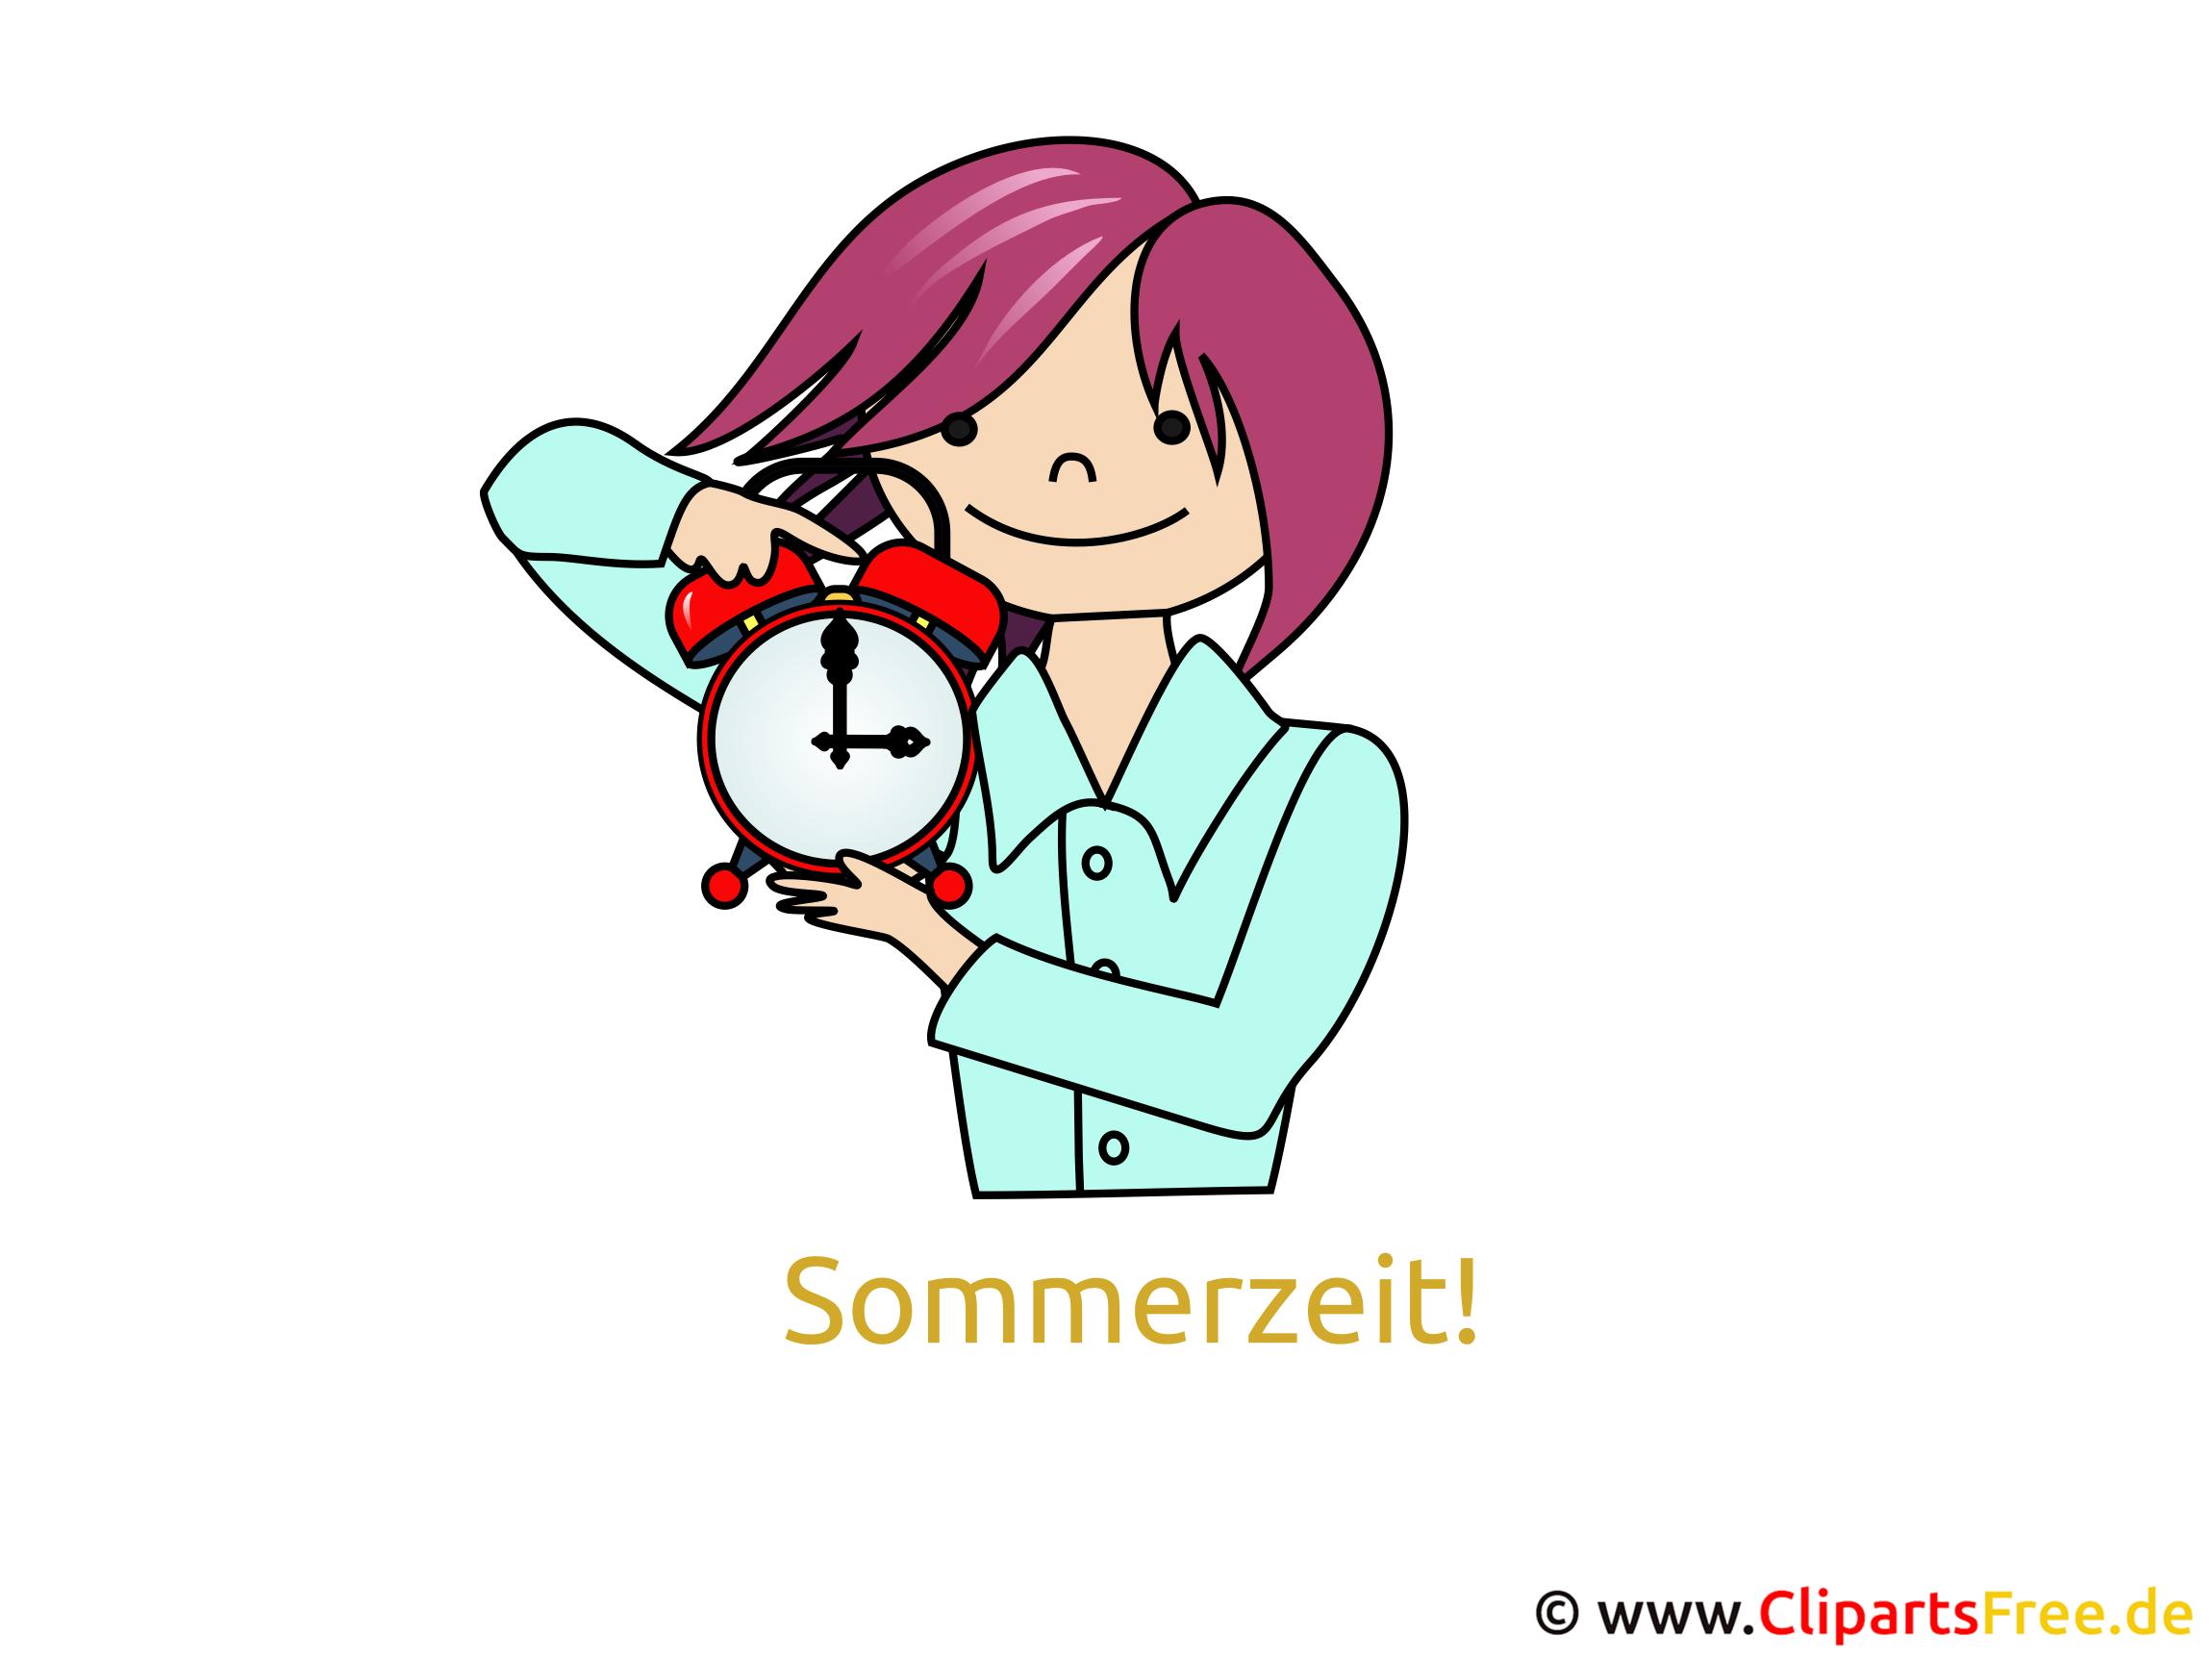 Sommer Zeit GB Bild